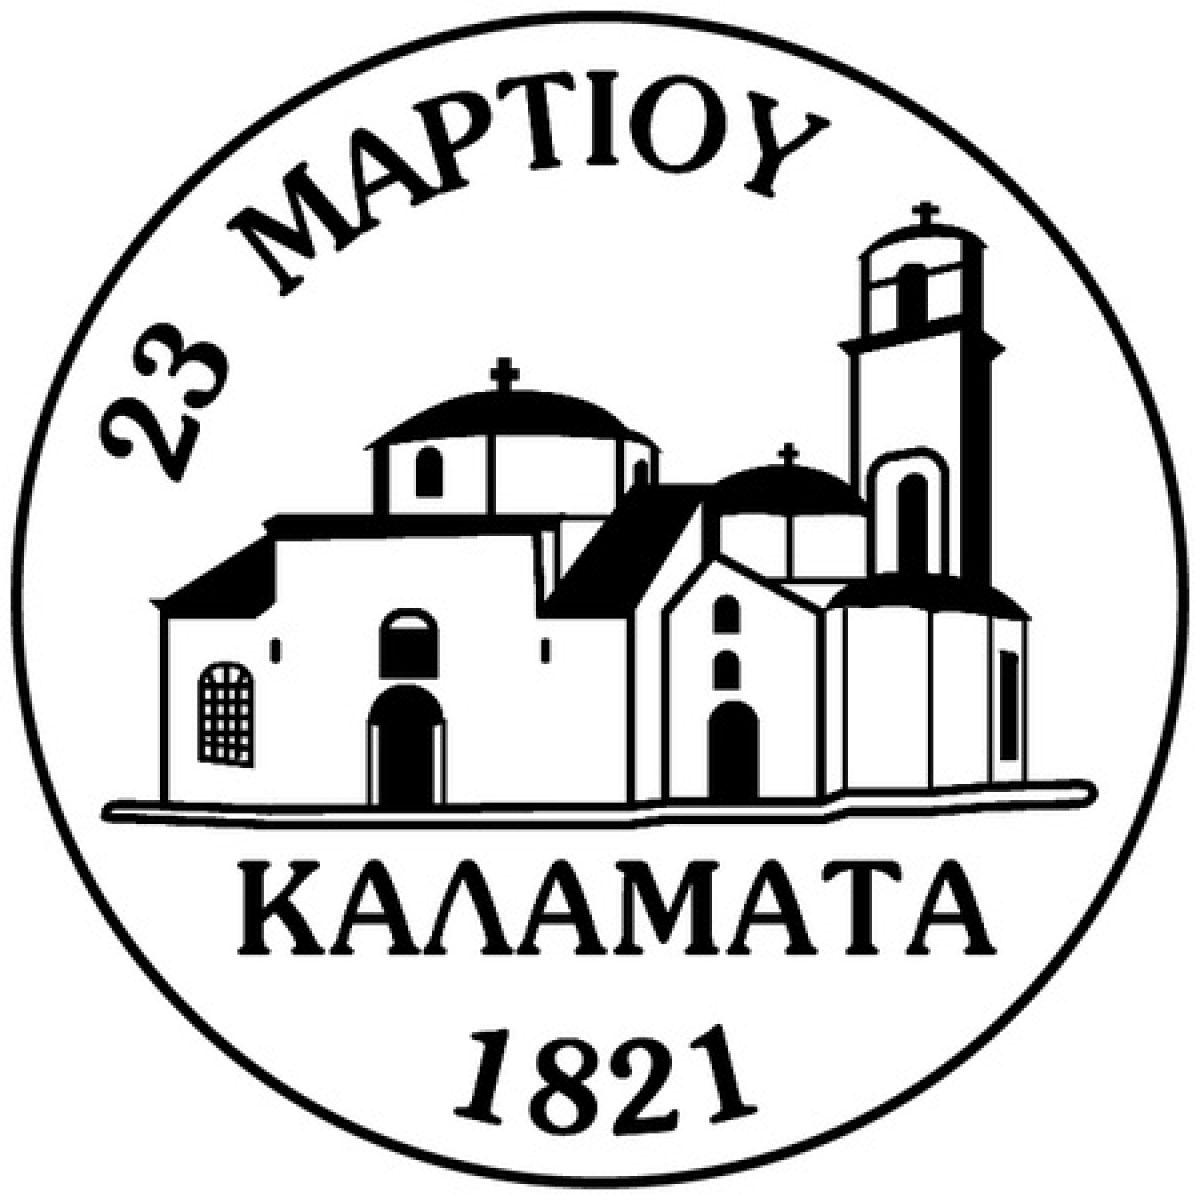 Περίληψη Αρχιτεκτονικού Διαγωνισμού Ιδεών «Επανασχεδιασμός της οδού 23ης Μαρτίου με σκοπό την ενοποίηση του ιστορικού και εμπορικού κέντρου της πόλης της Καλαμάτας»